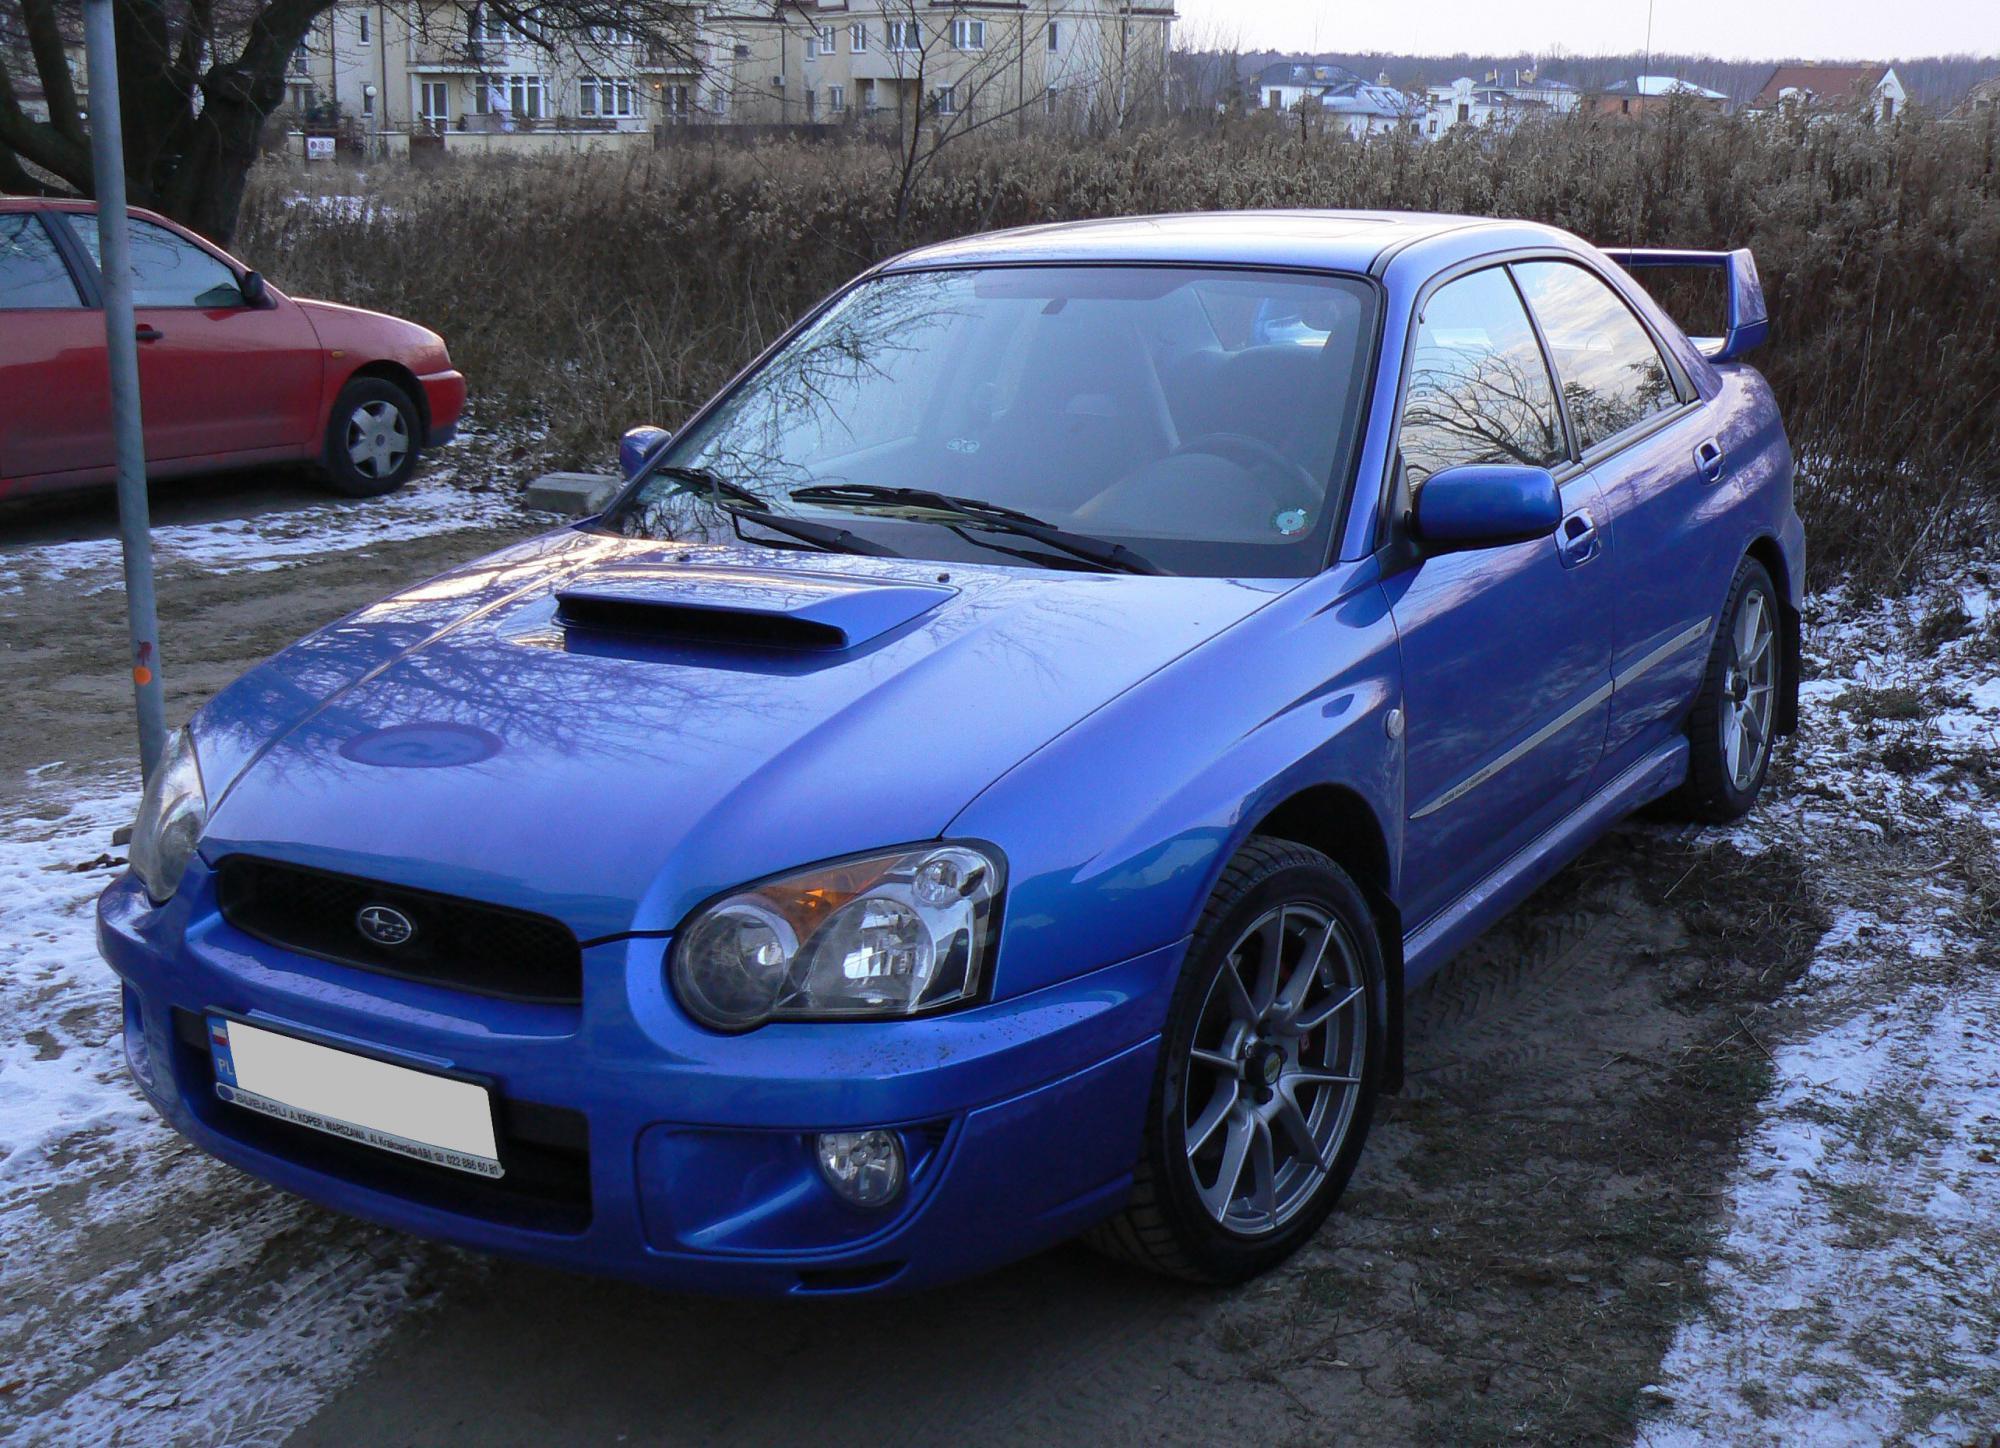 Subaru Impreza 2.5 WRX STi AWD